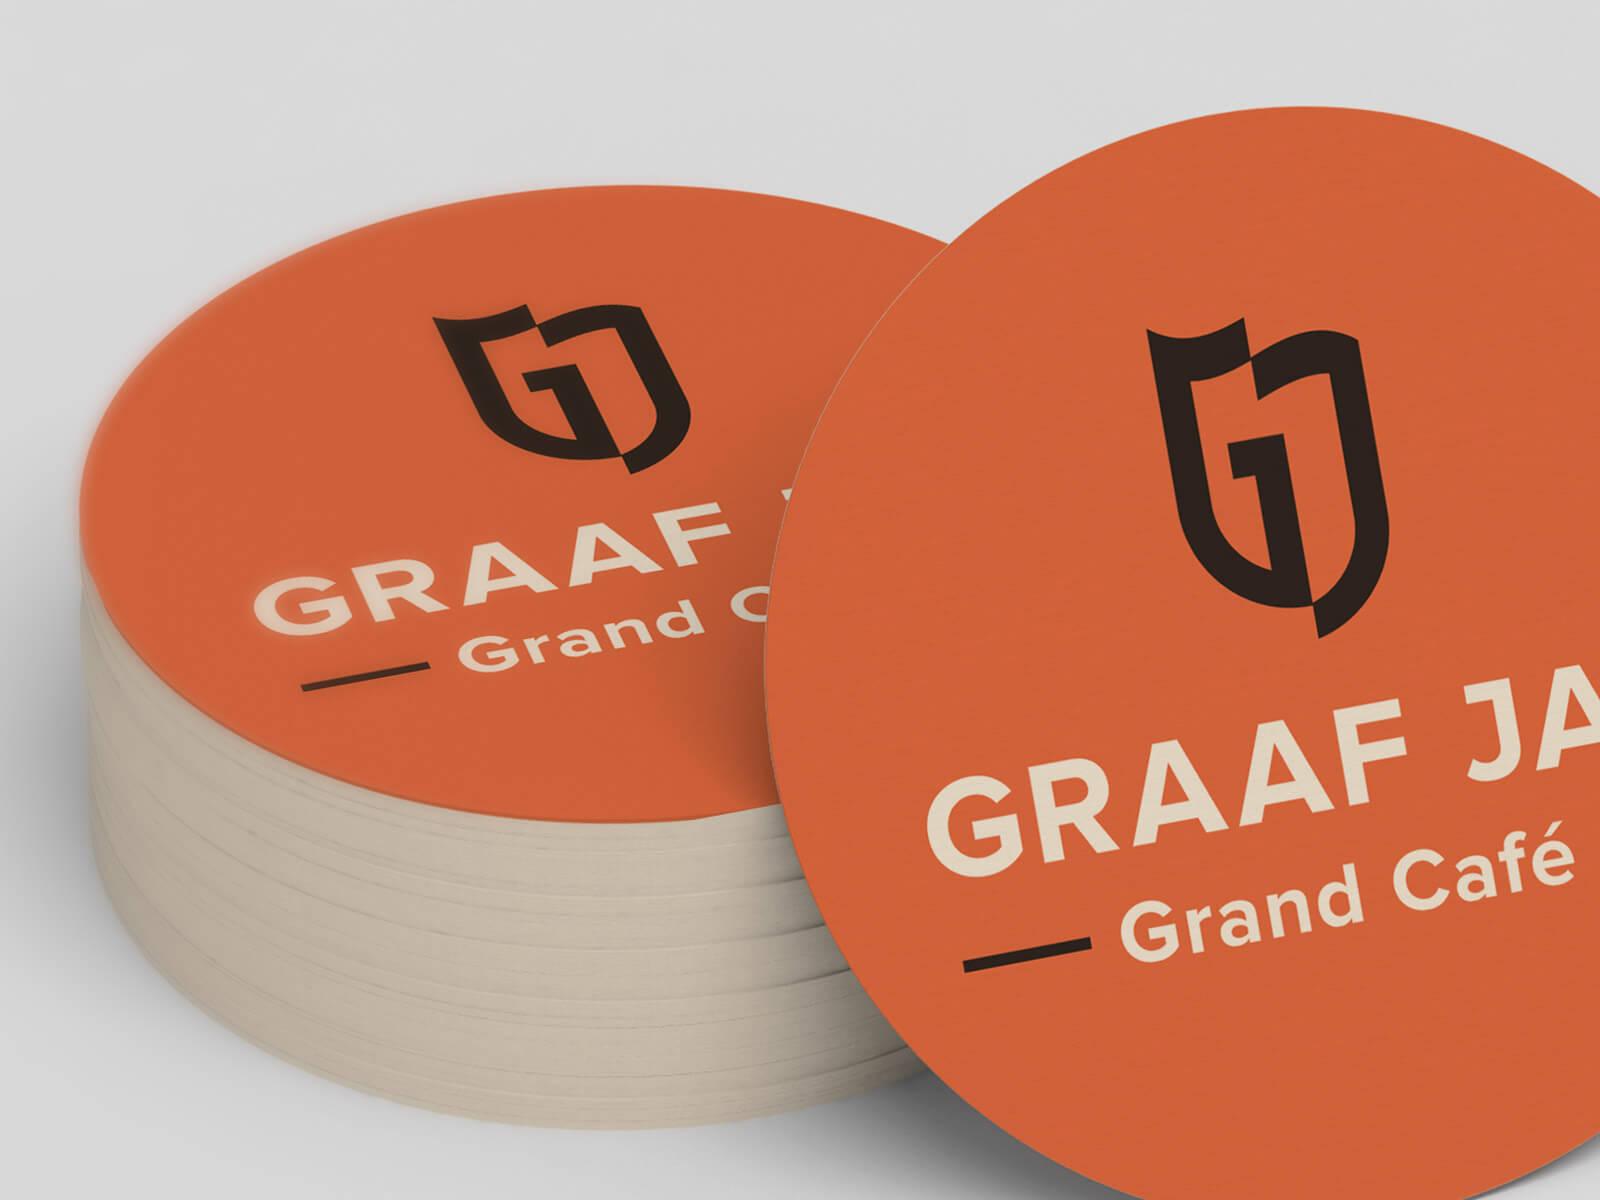 Het logo van Graaf Jan Grand Café op bierviltjes drukken